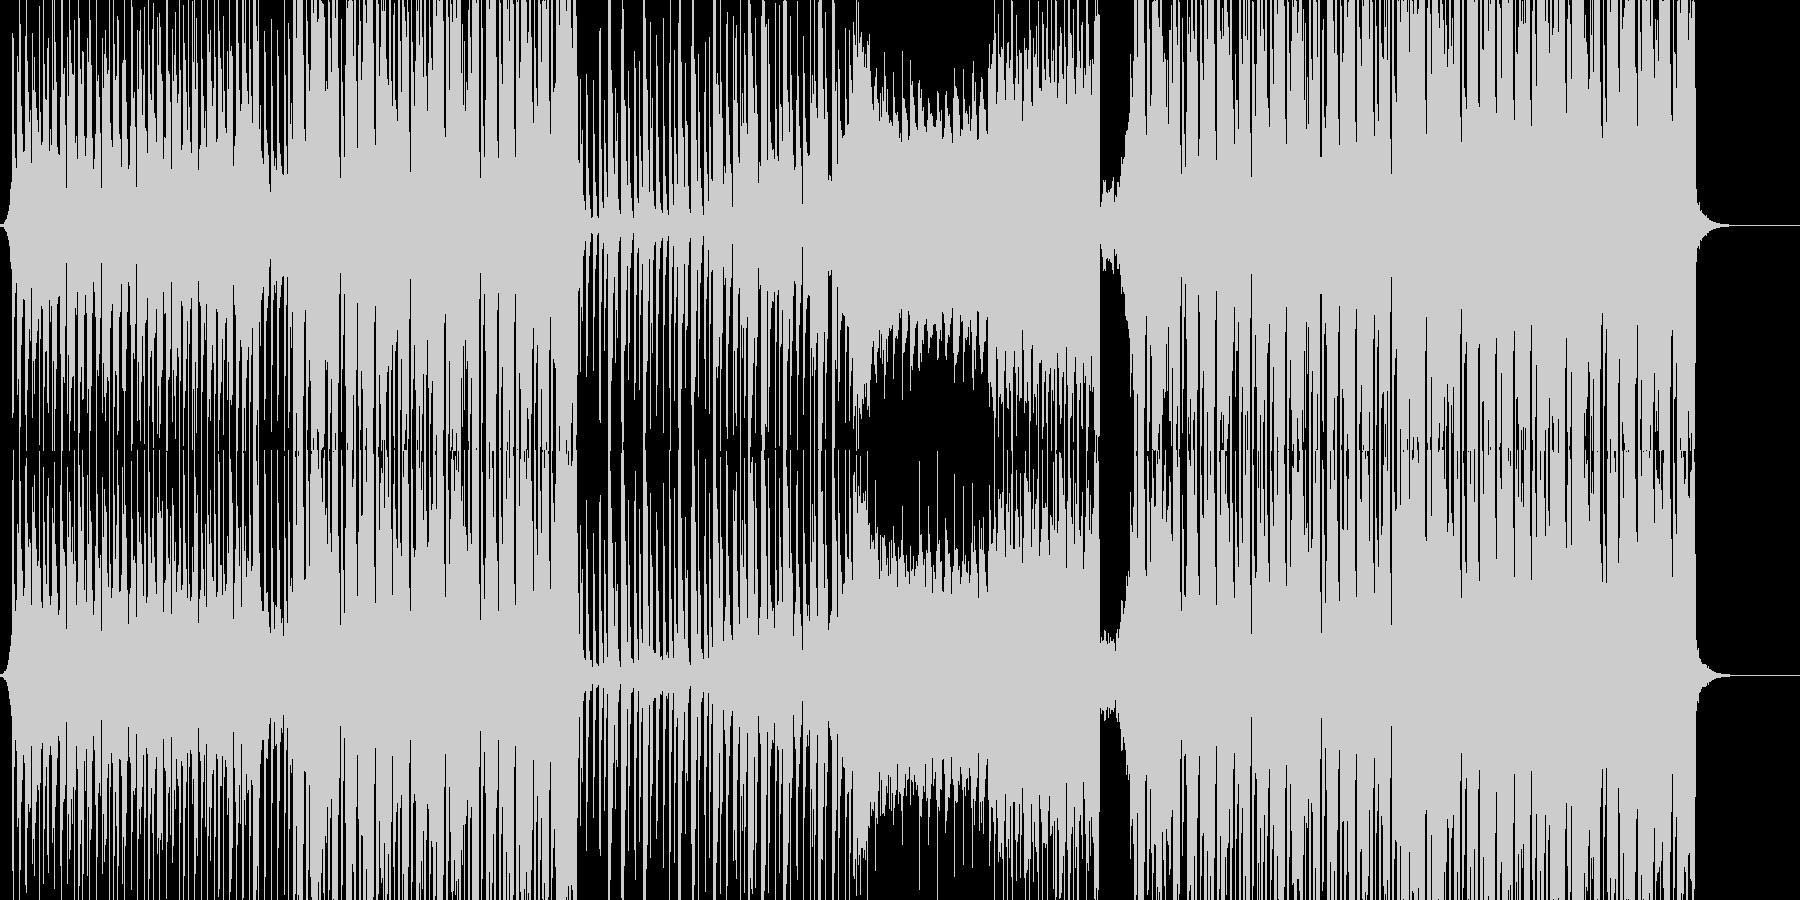 エモいEDM/FutureBass/洋楽の未再生の波形